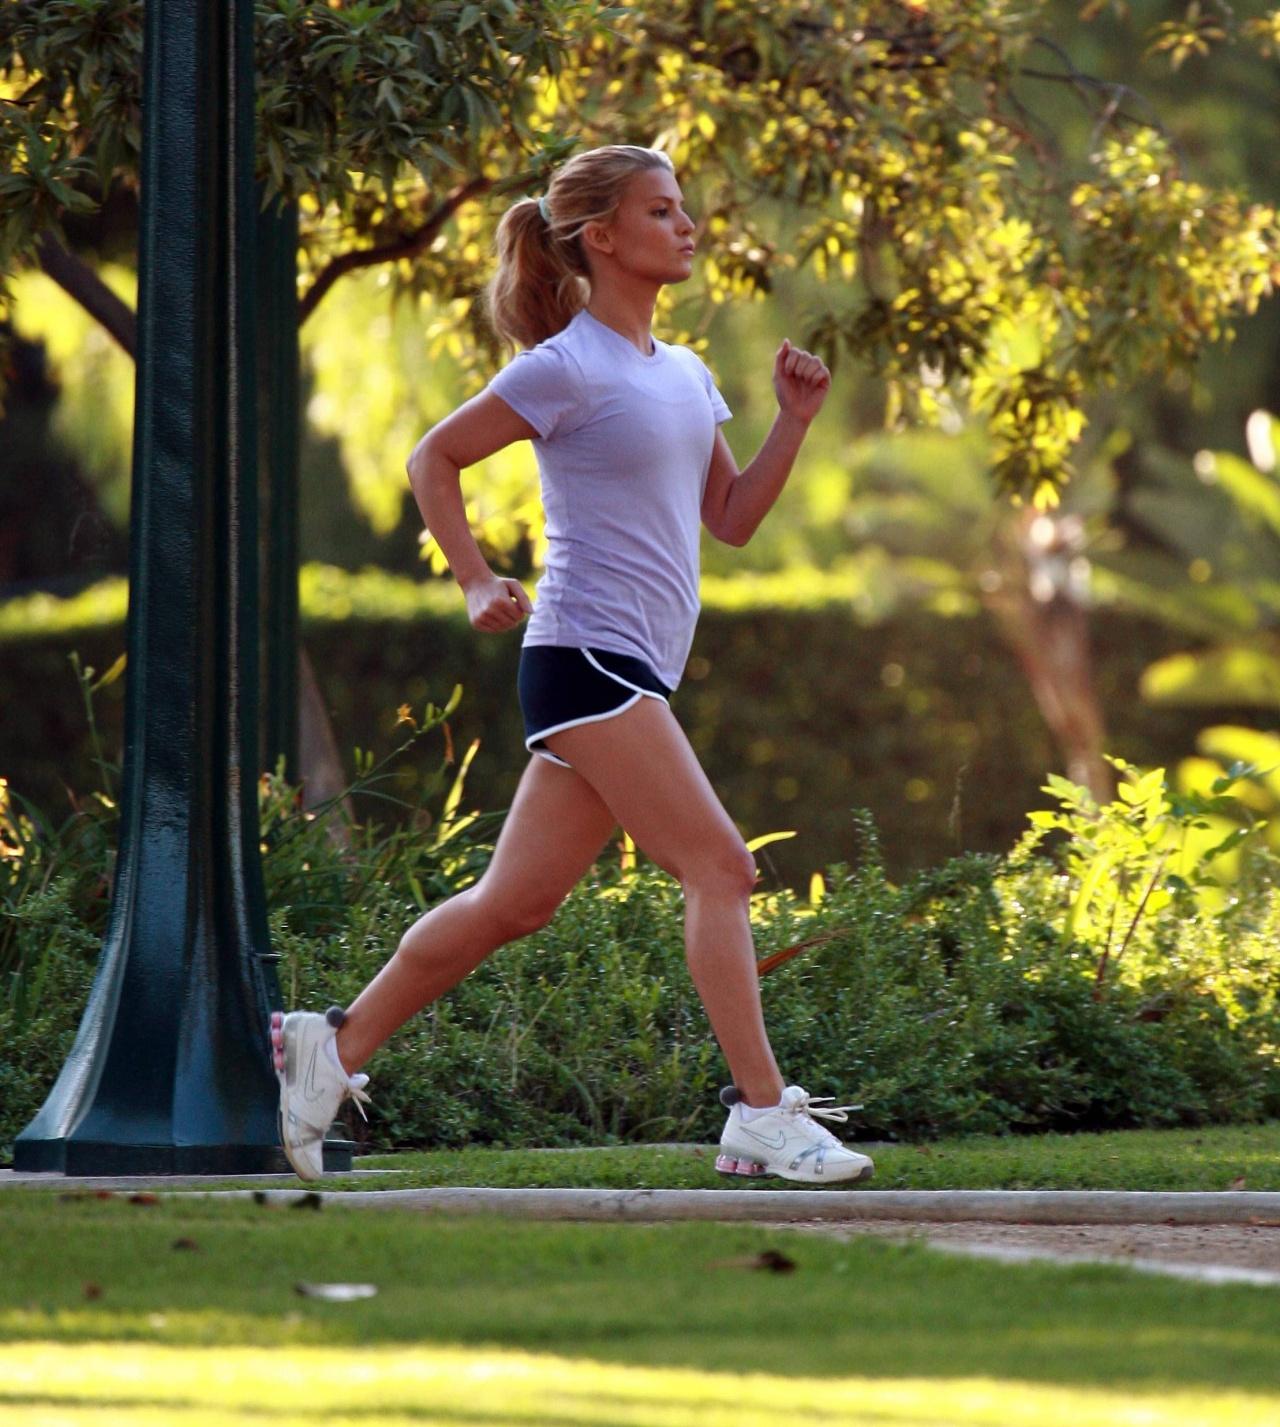 Manfaat Olahraga Jogging Untuk Kecantikan